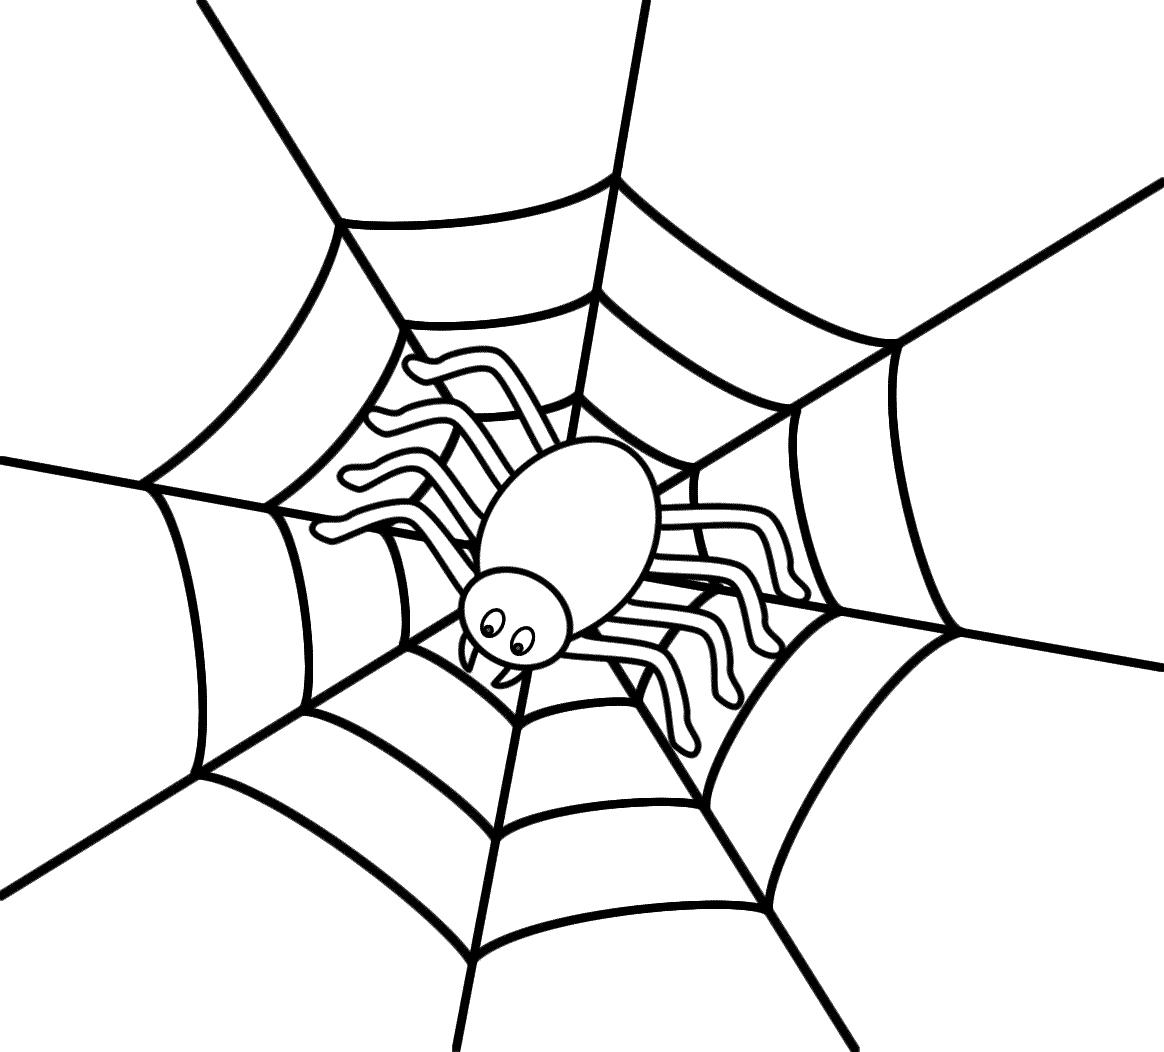 Spider Web Graphic Organizer